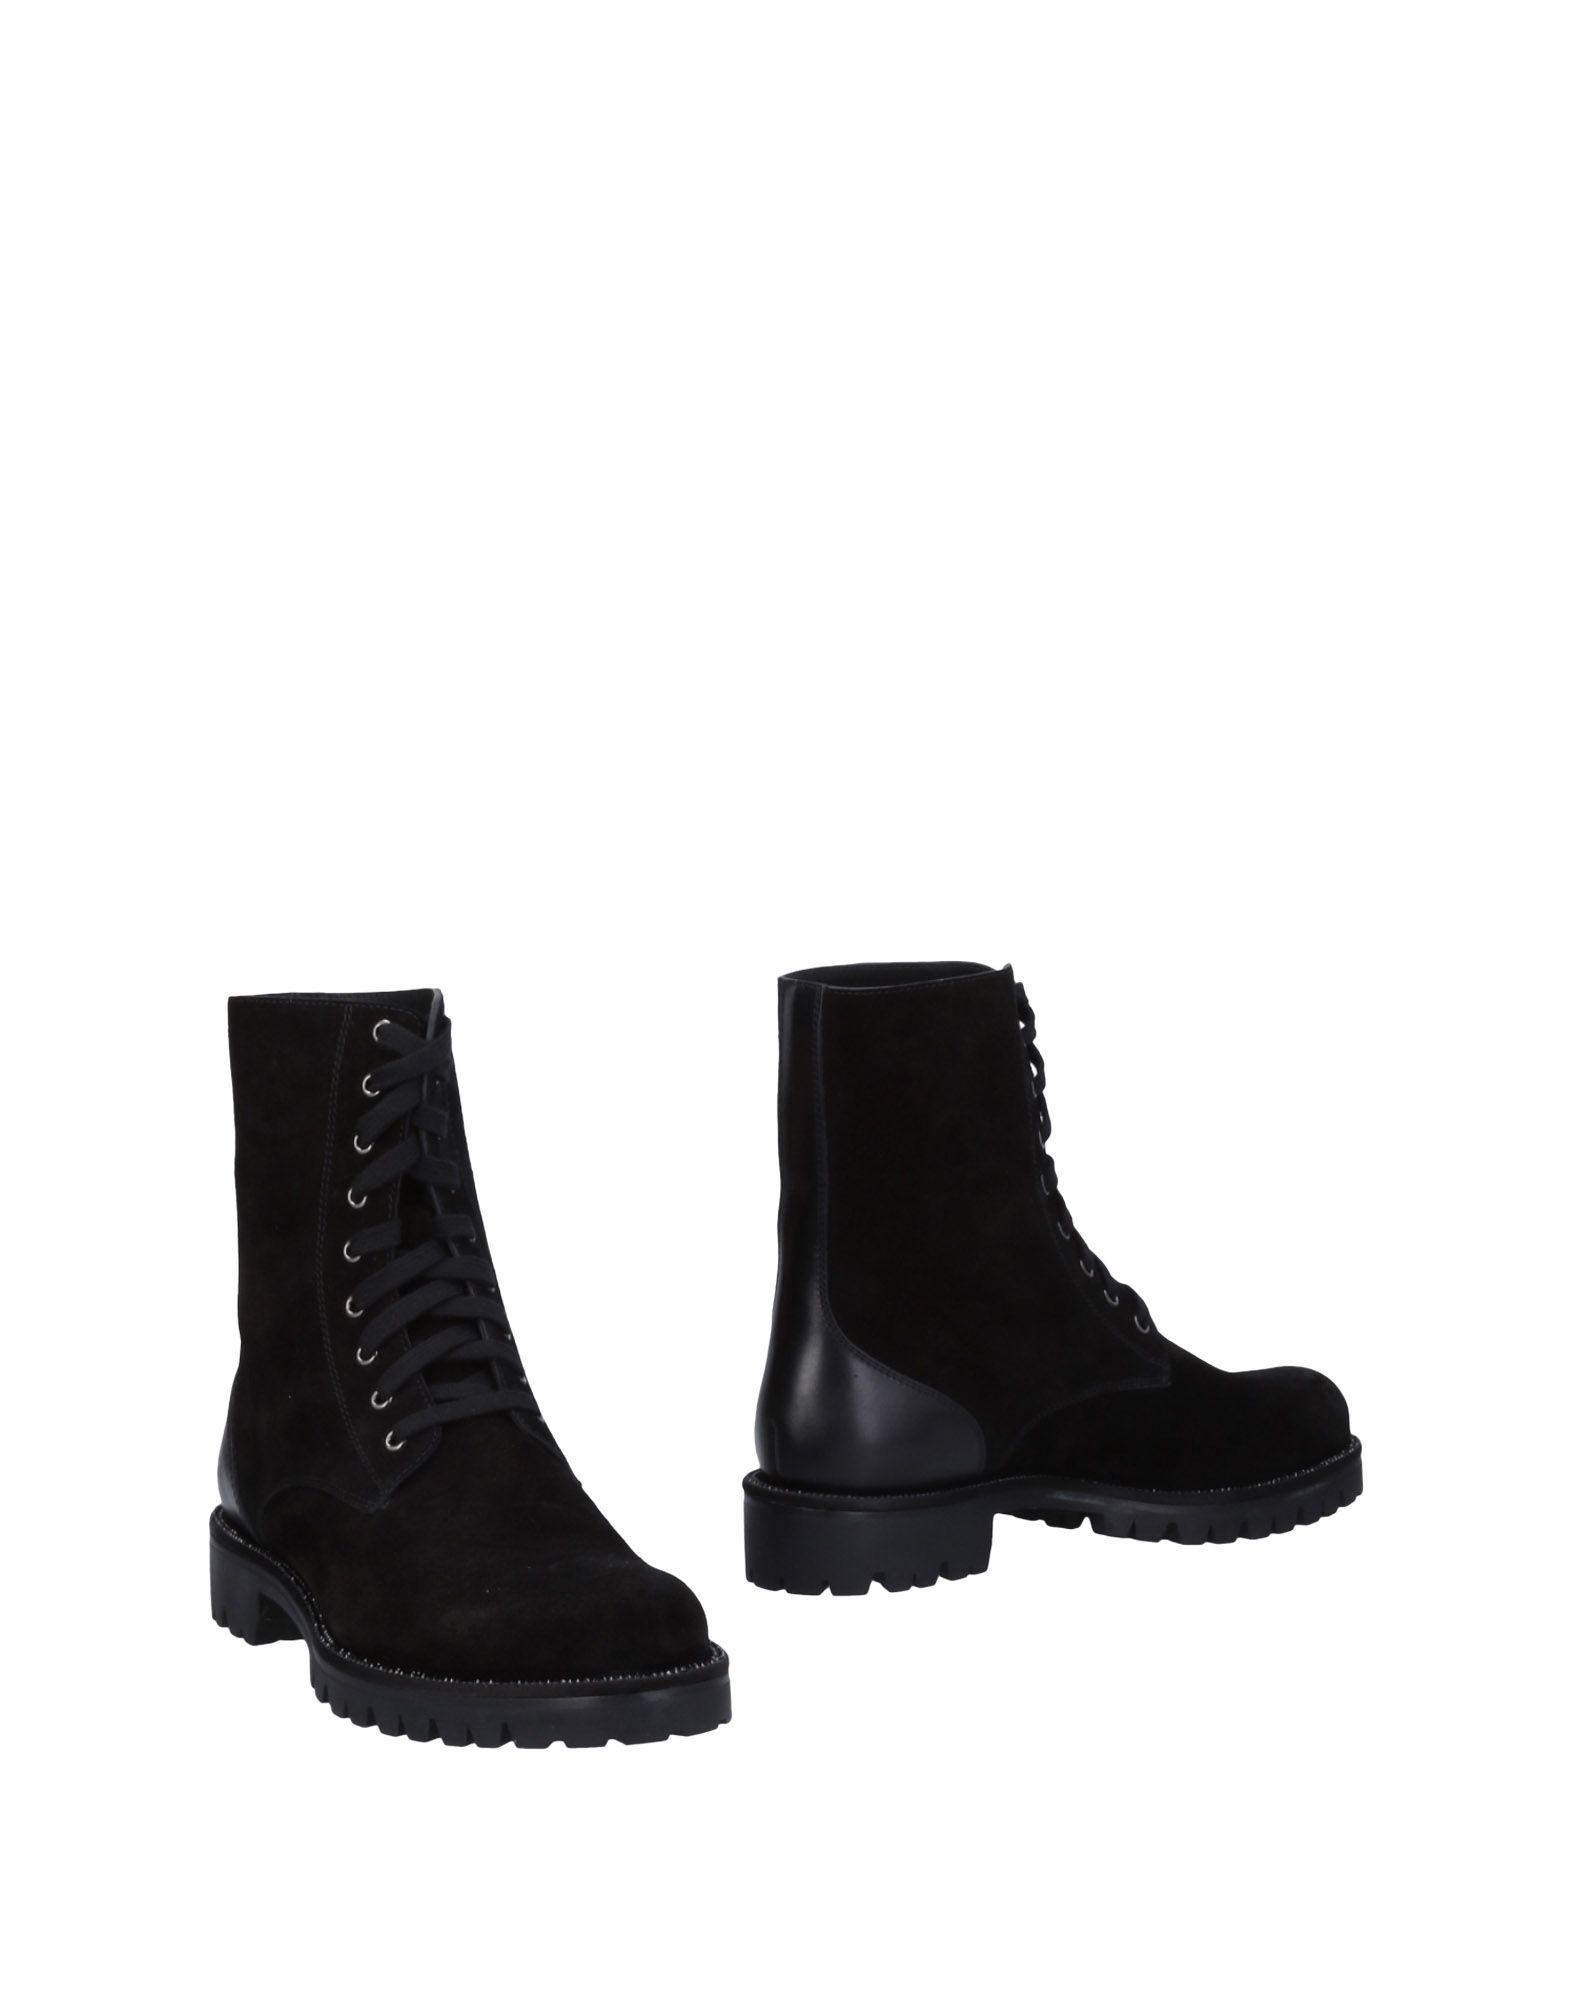 Rene' Caovilla Stiefelette Damen  11459593GEGünstige gut aussehende Schuhe